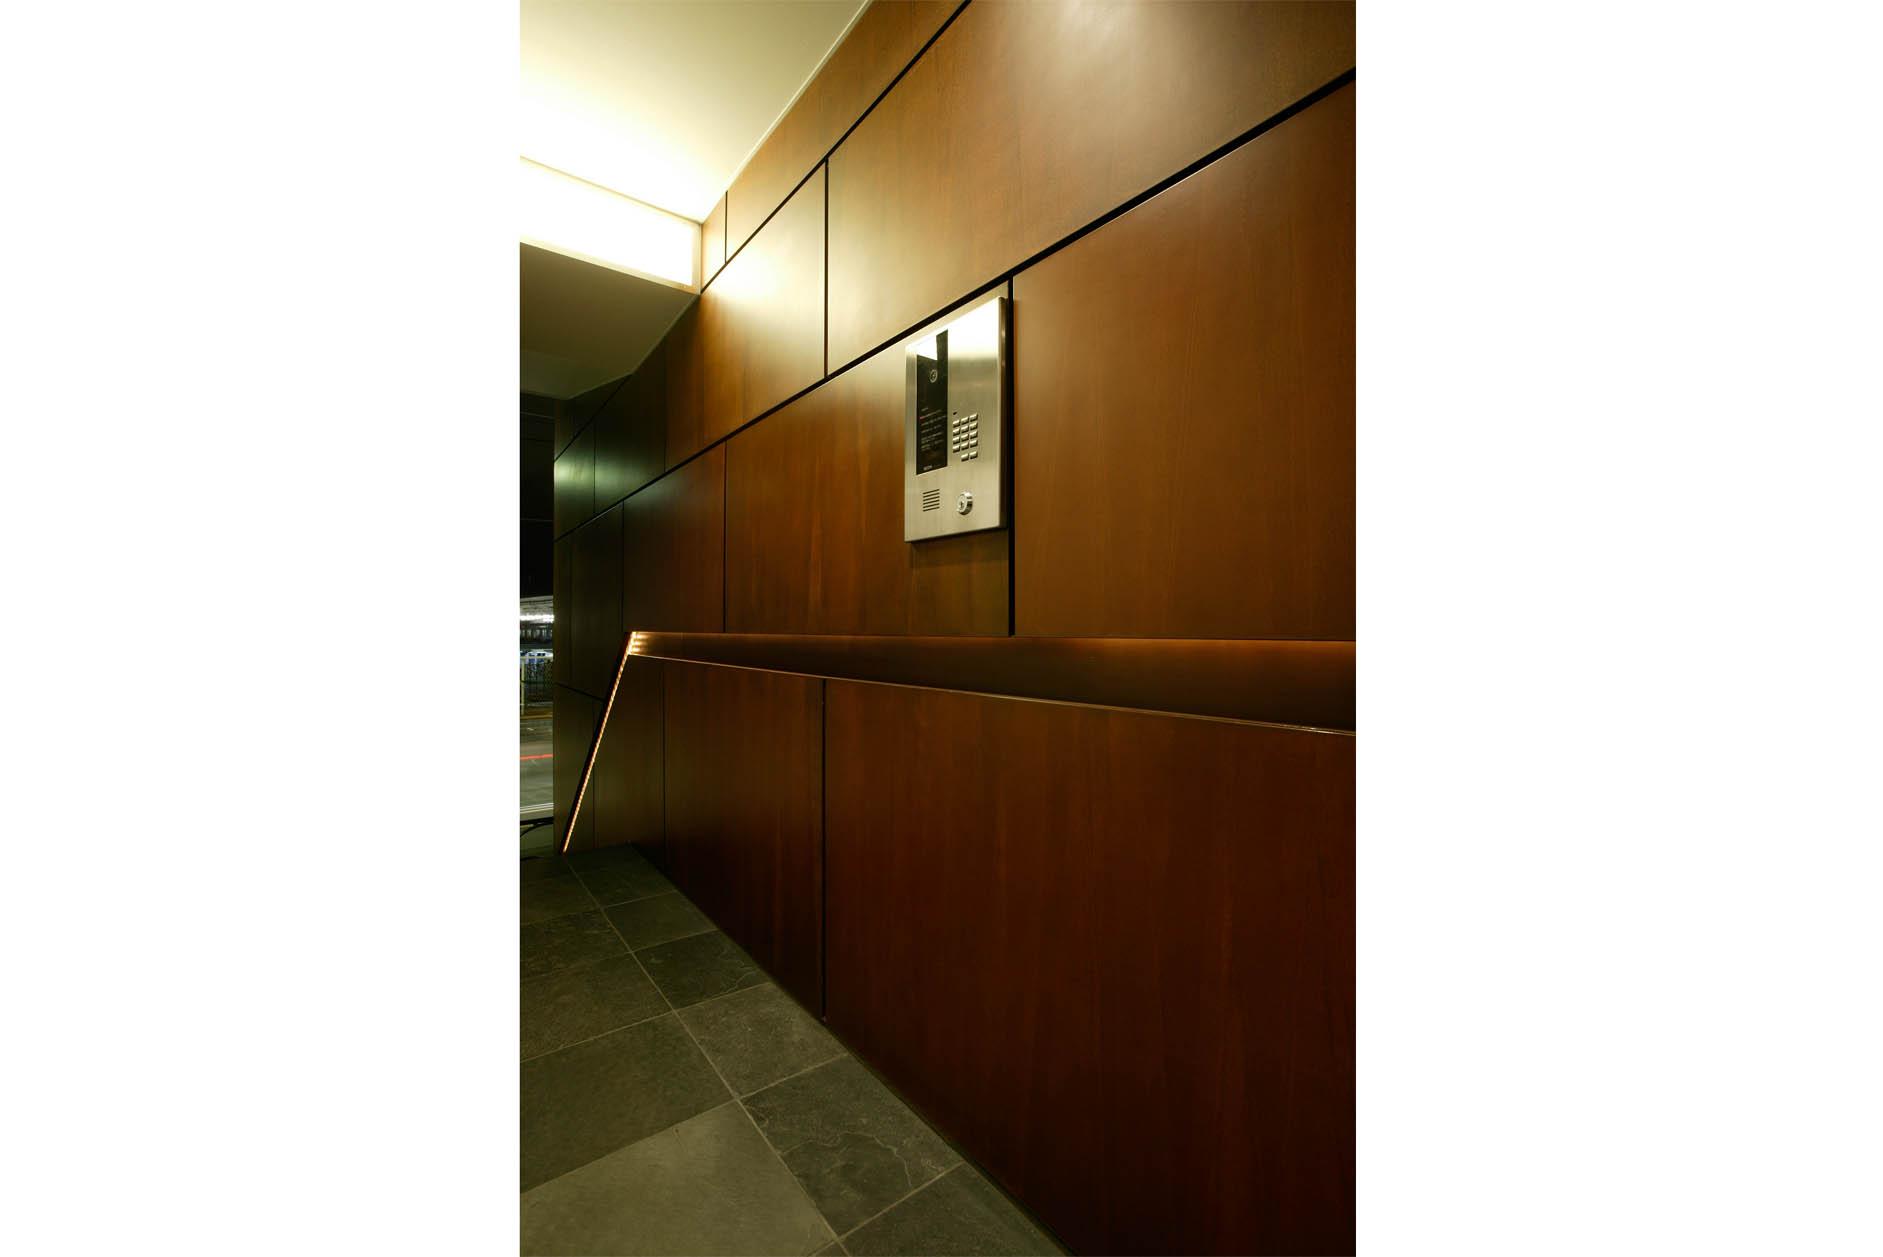 壁一面貼られたコールテン鋼の重厚感は高級感のあるエントランスホール。 イメージ